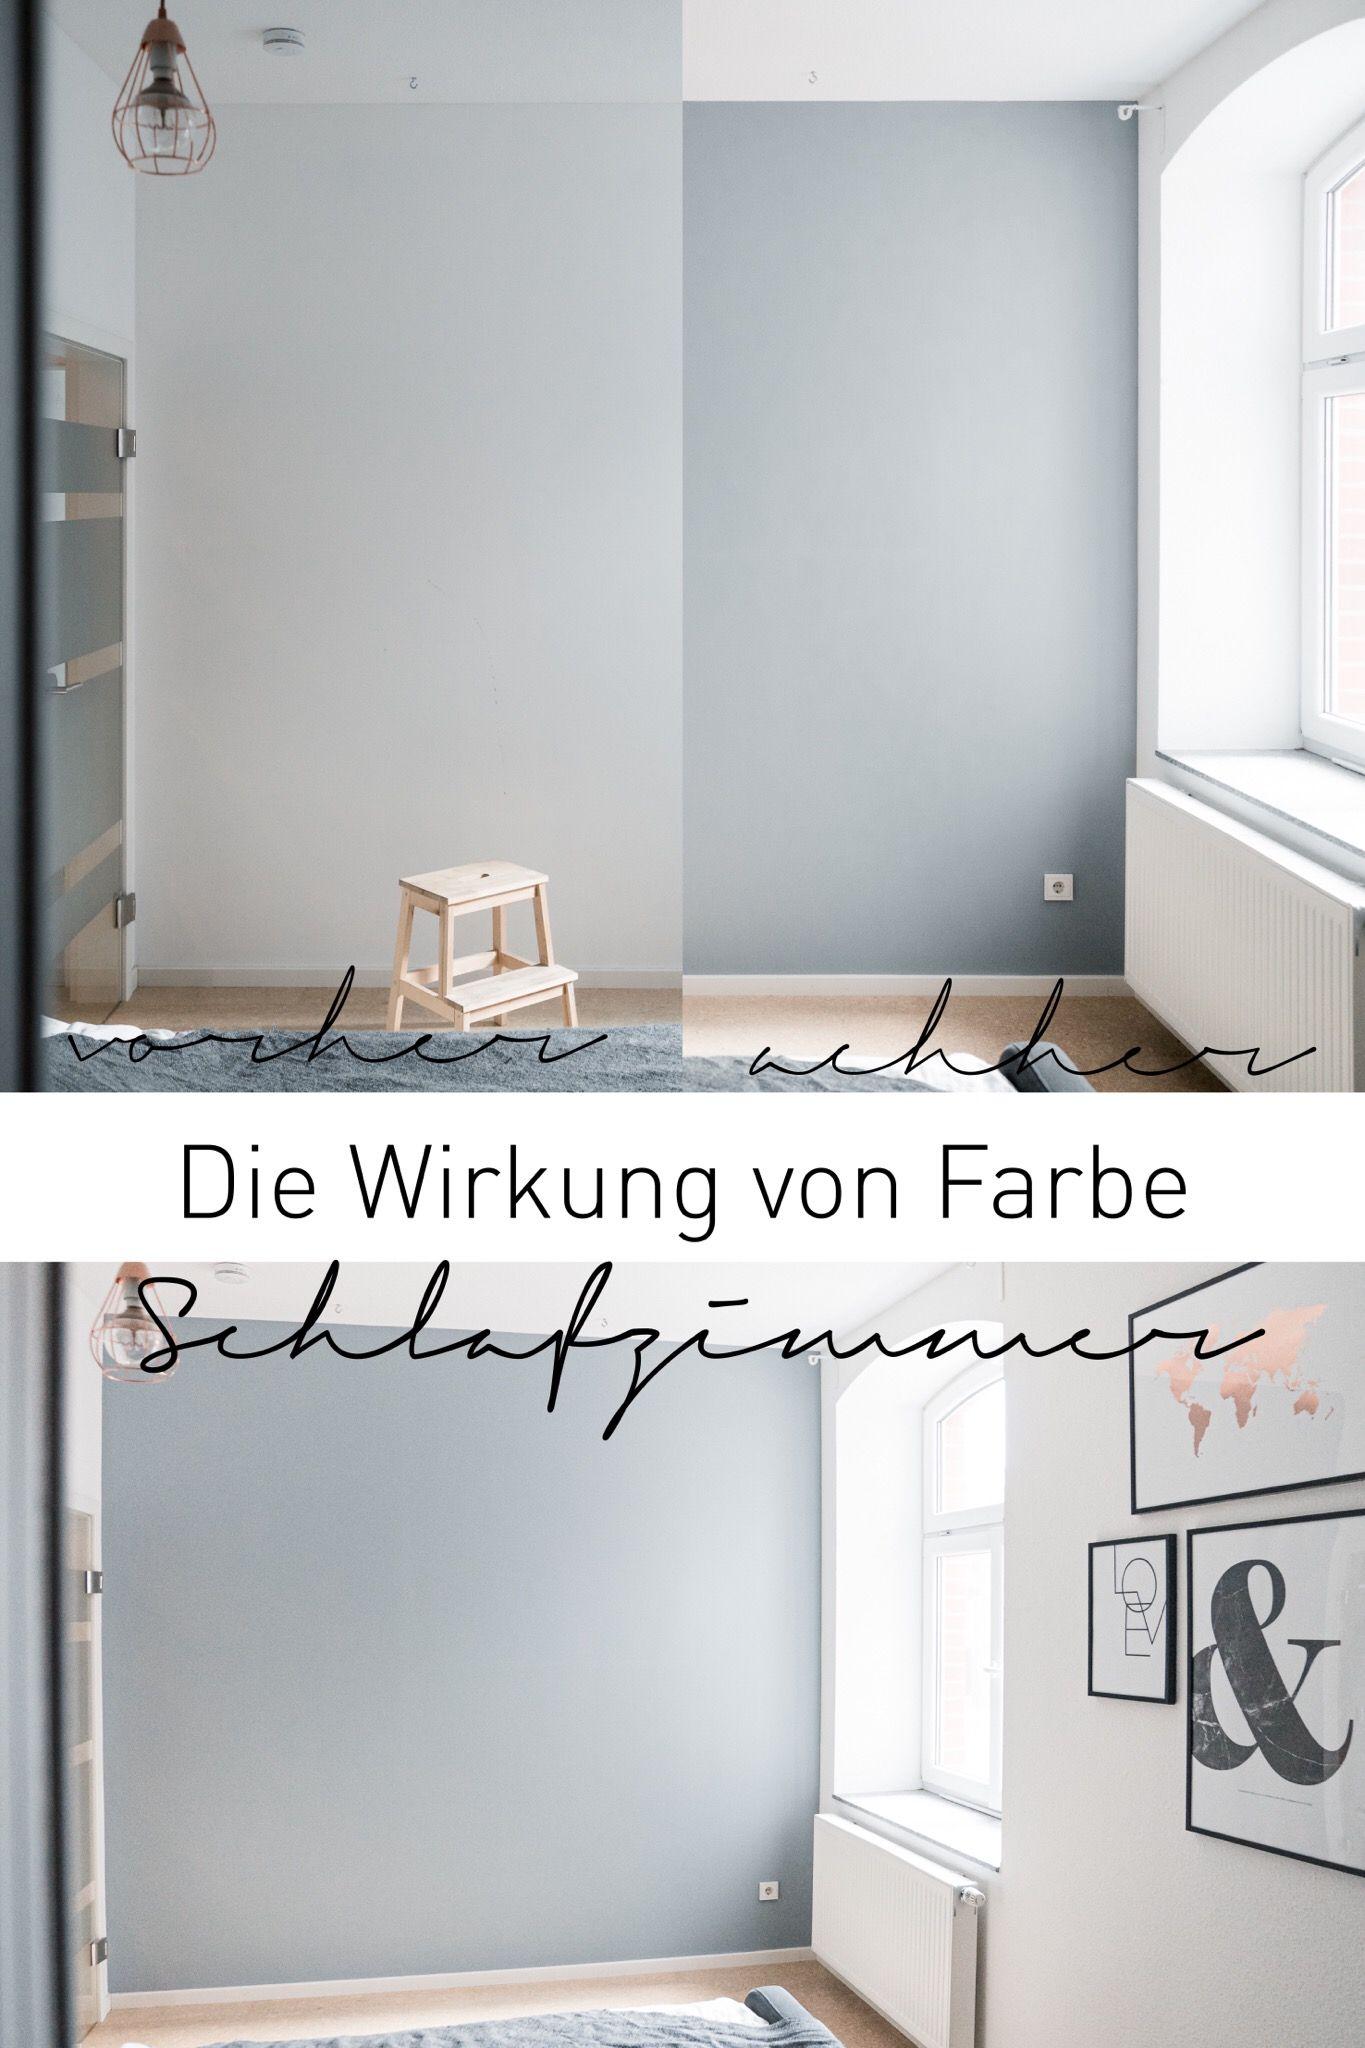 Wirkung Von Farbe Schoner Wohnen Farbe Schoner Wohnen Farbe Schlafzimmerfarbe Wohnzimmer Einrichten Ideen